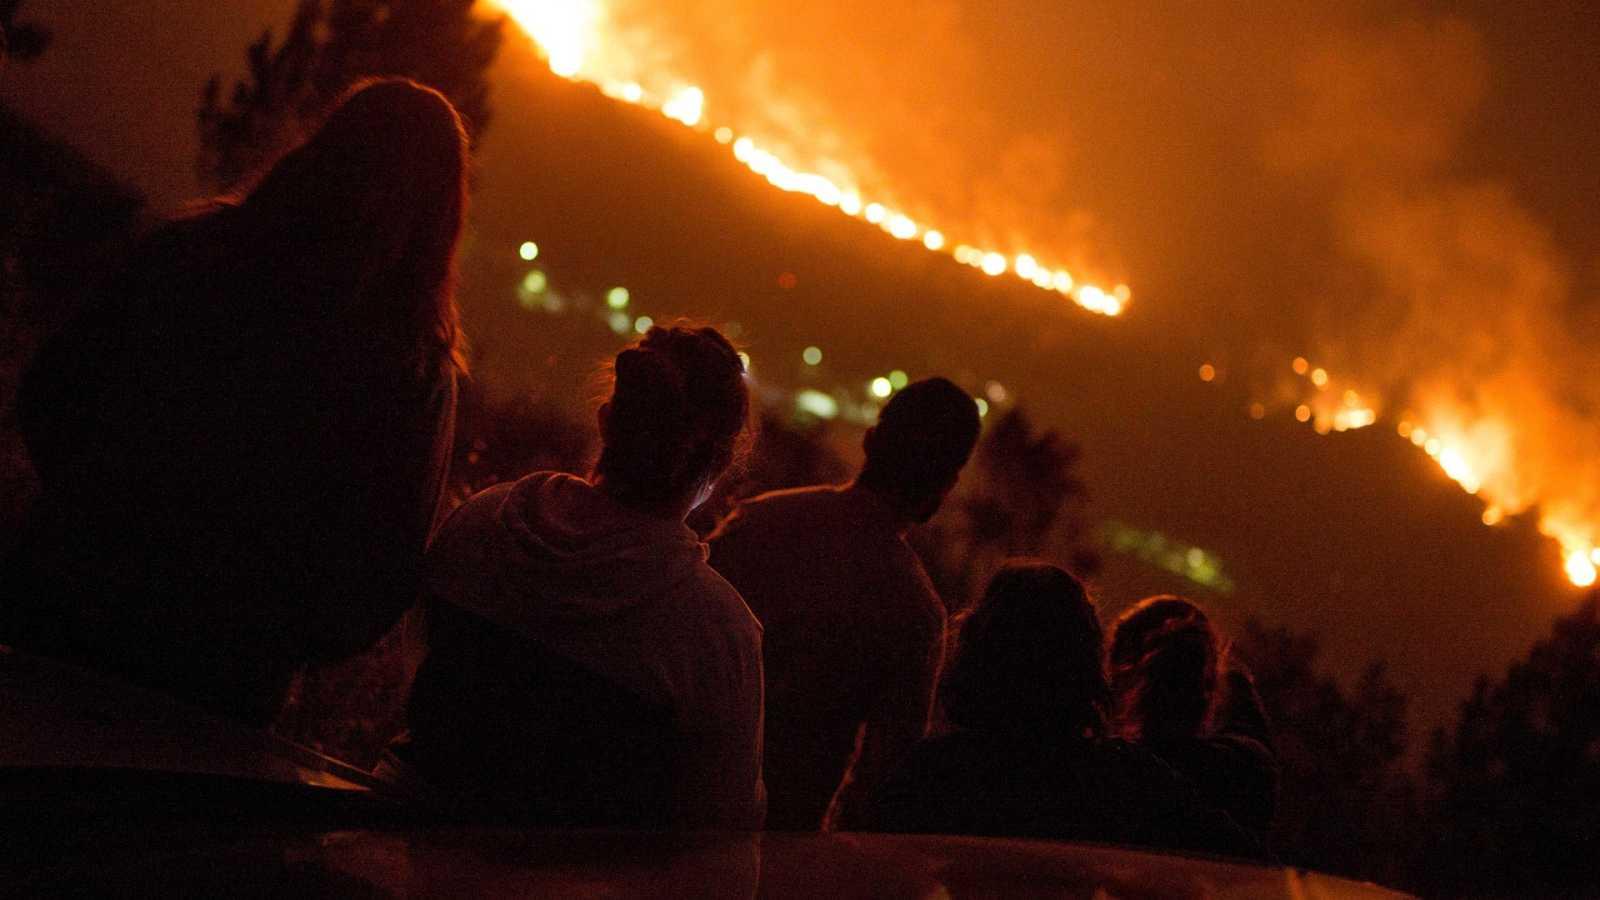 Ourense supera las 8.000 hectáreas quemadas, con Vilariño de Conso aún en alerta por los incendios